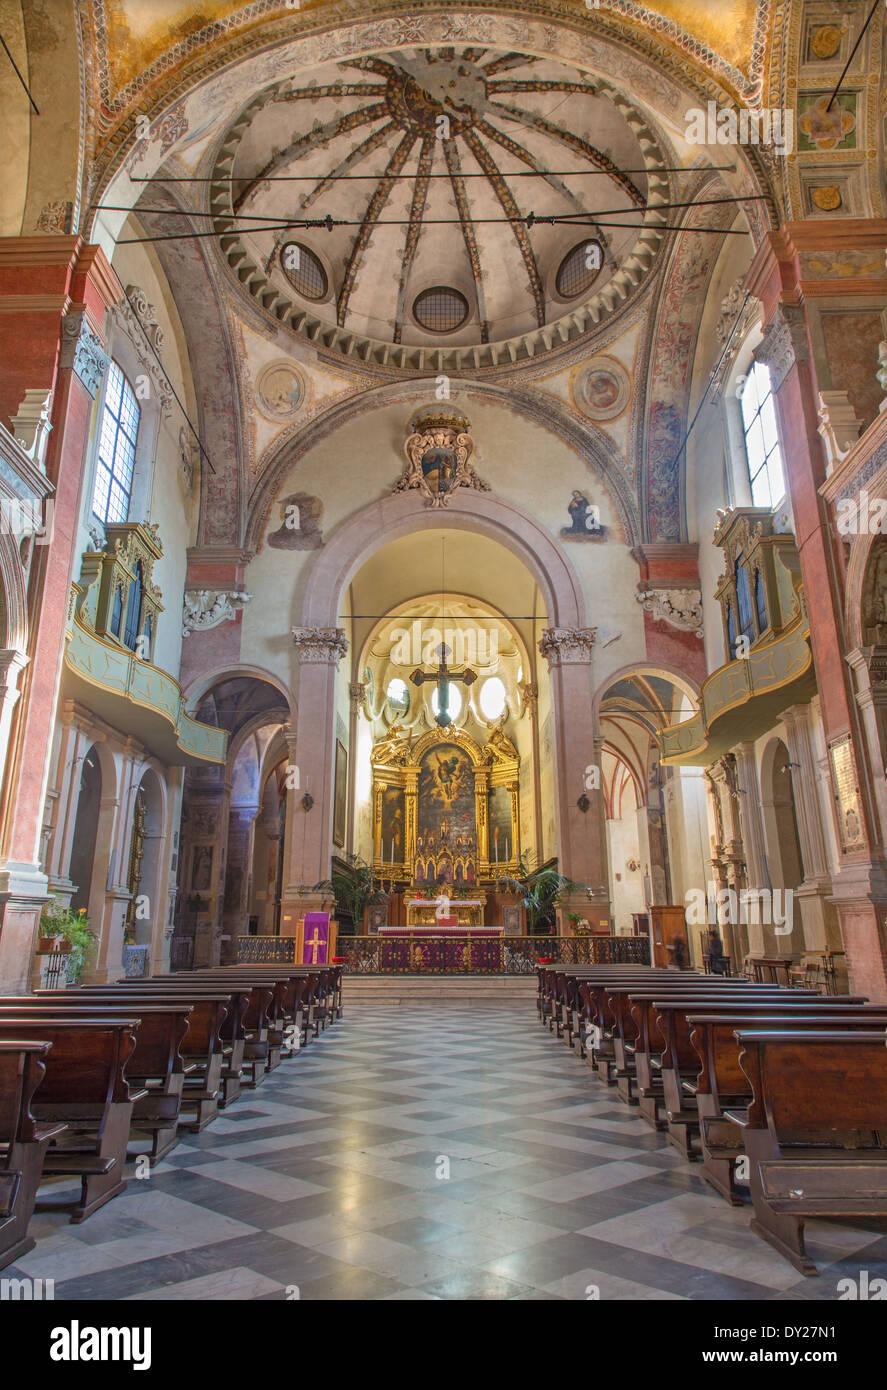 BOLOGNA, ITALY - MARCH 17, 2014: Main nave of San Giacomo Maggiore. Stock Photo